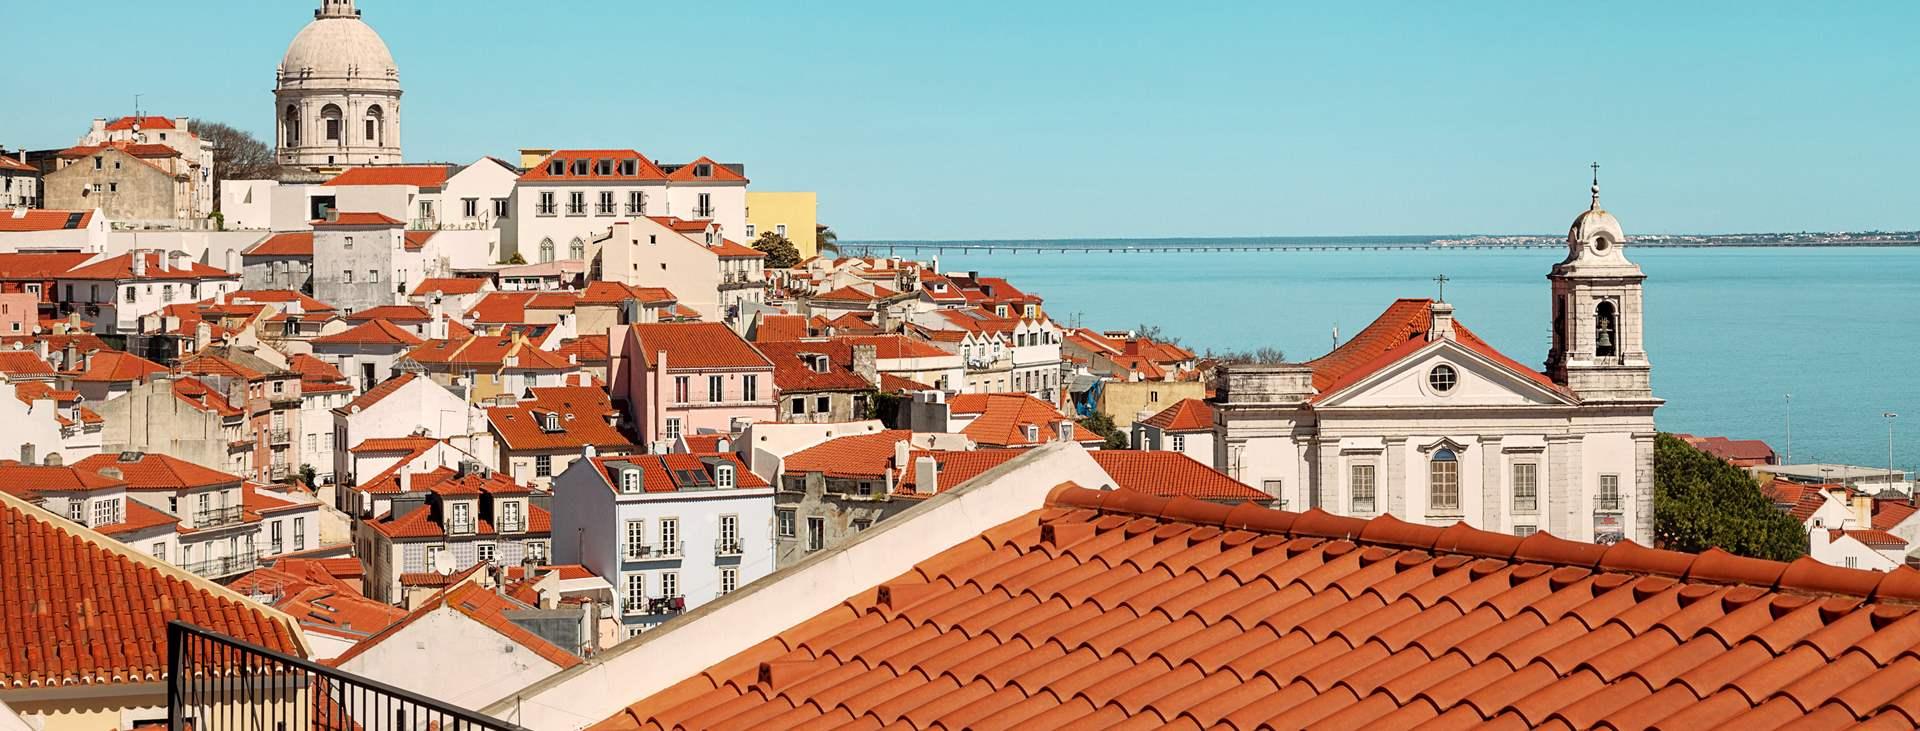 Varaa matkasi Tjäreborgilta Lissaboniin, Portugalin pääkaupunkiin